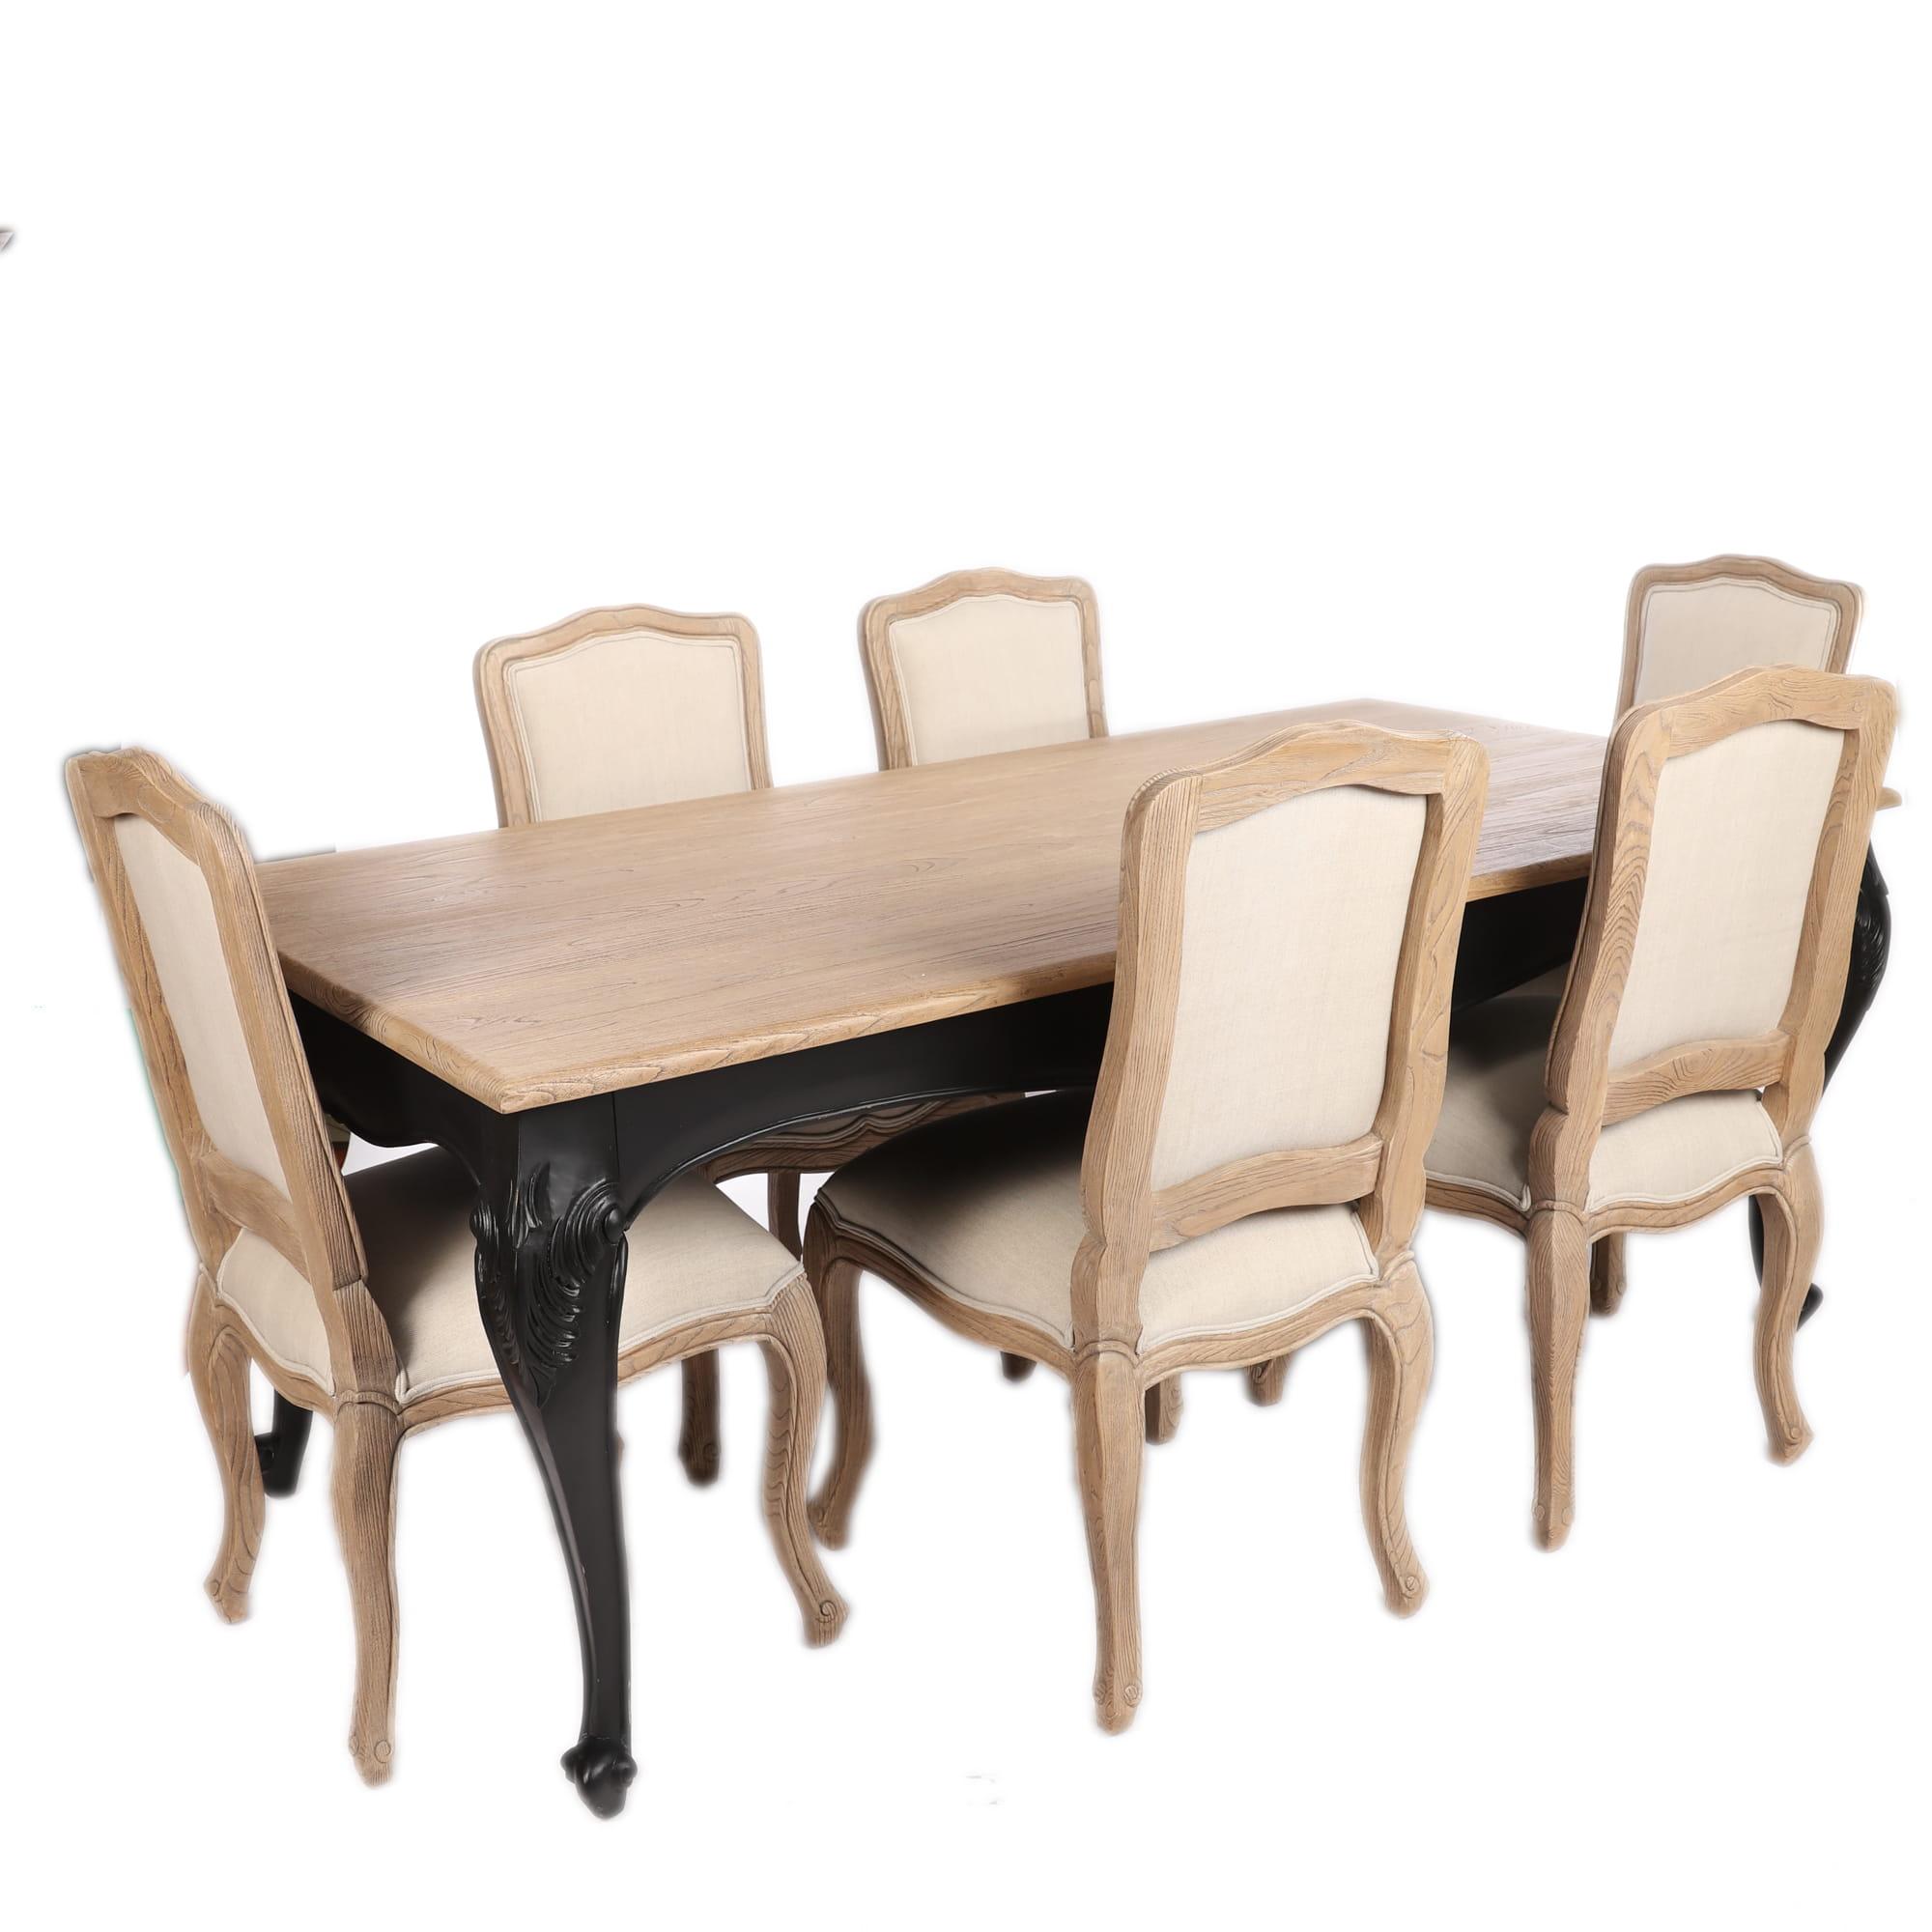 Stół Z Krzesłami Komplet Mebli W Stylu Prowansalskim